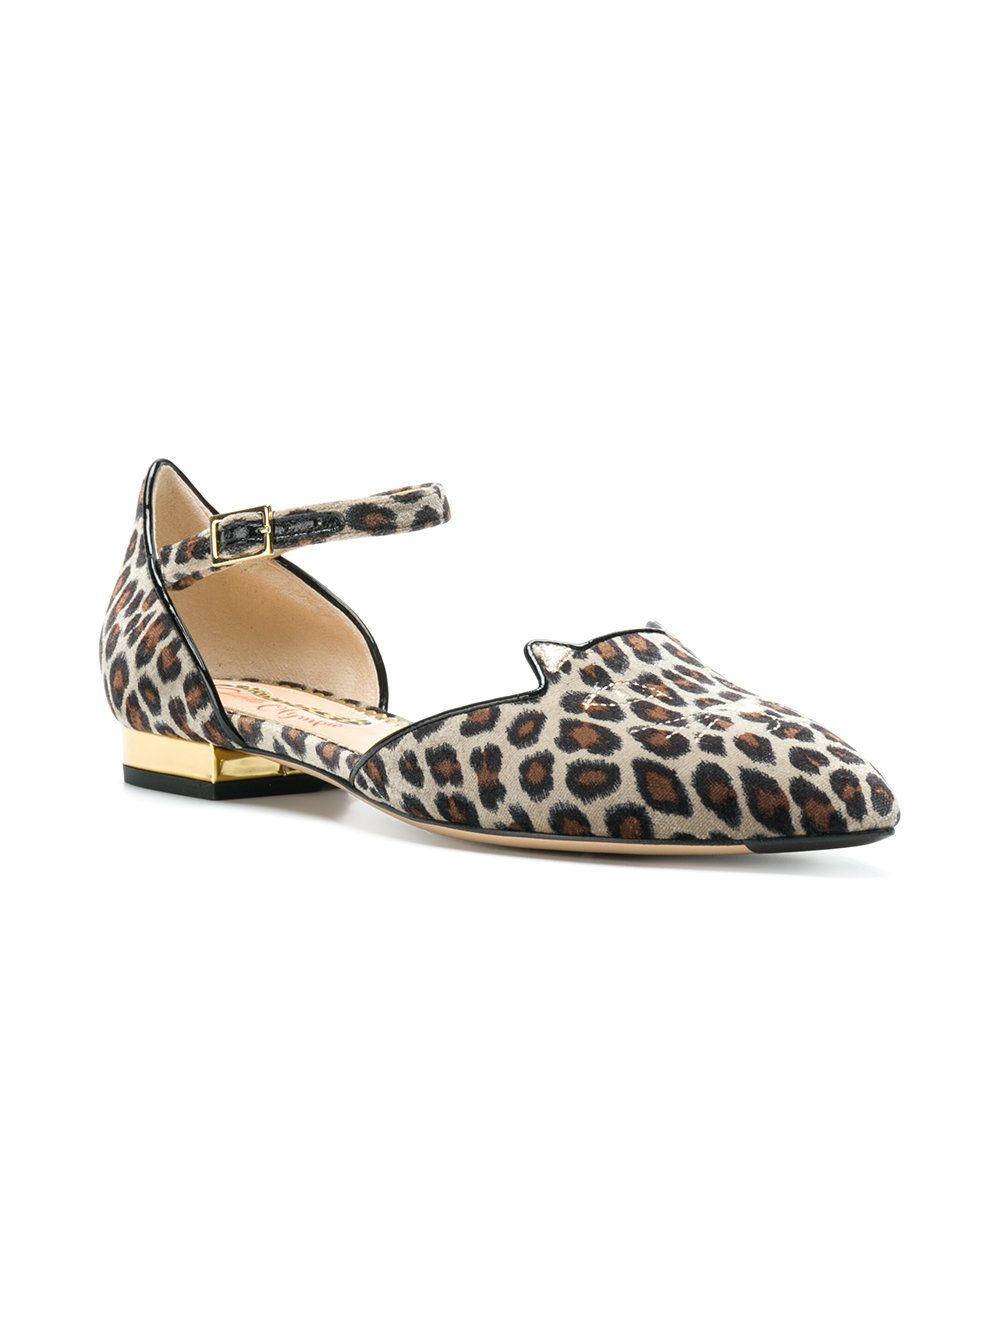 c9235c555a6f Charlotte Olympia Leopard print Kitty flats